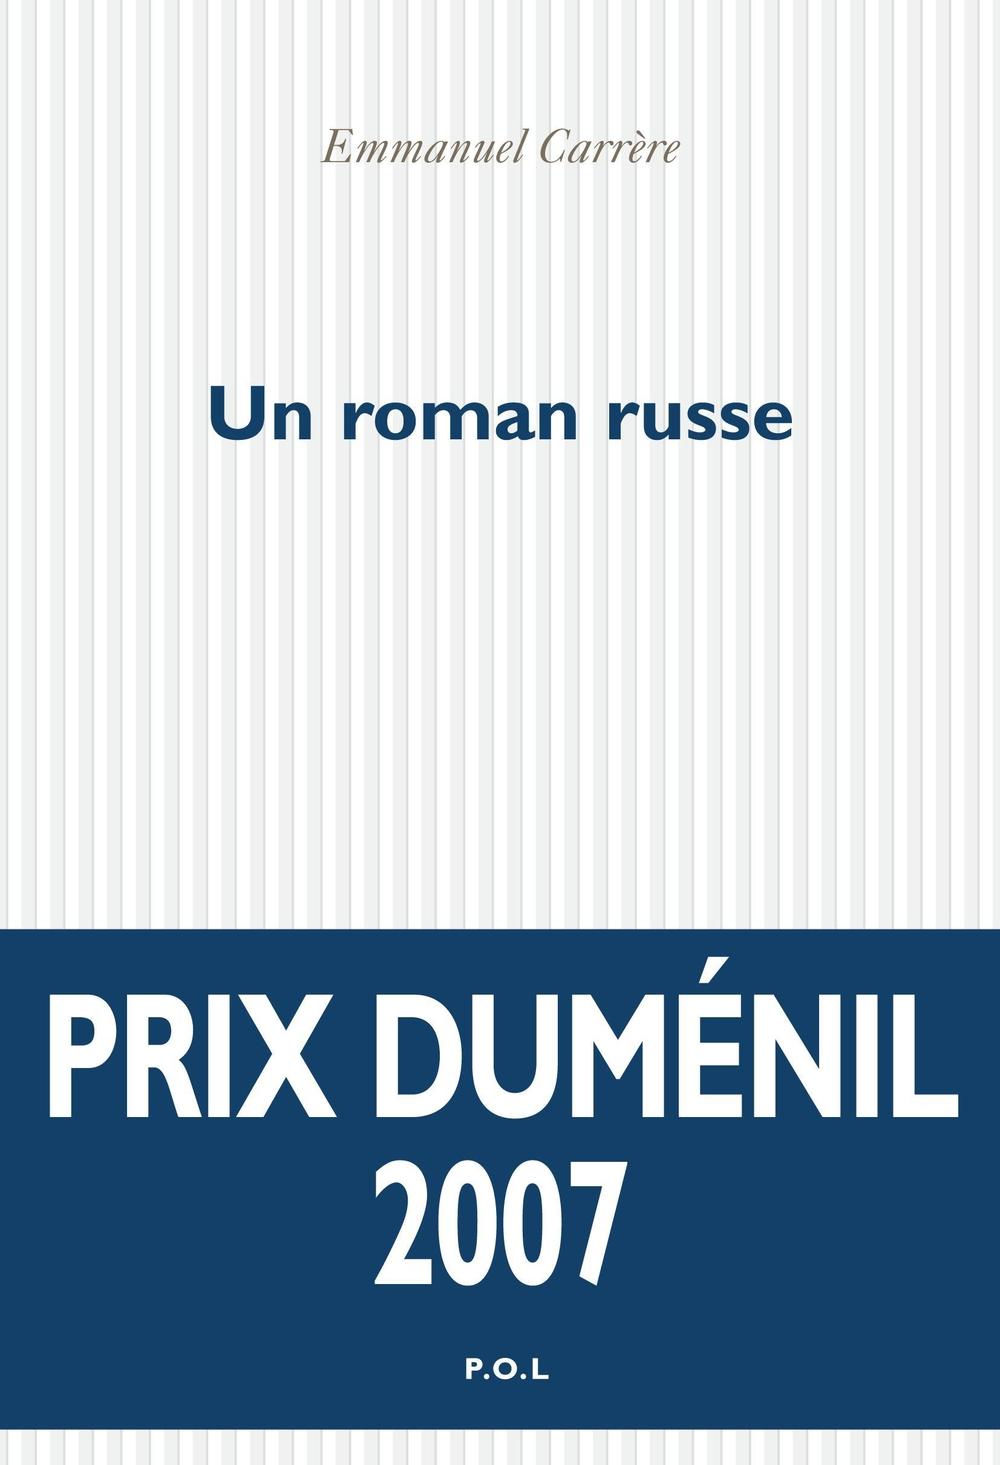 Un roman russe - Emmanuel Carrère - Editions POL - Prix Duméniel 2007